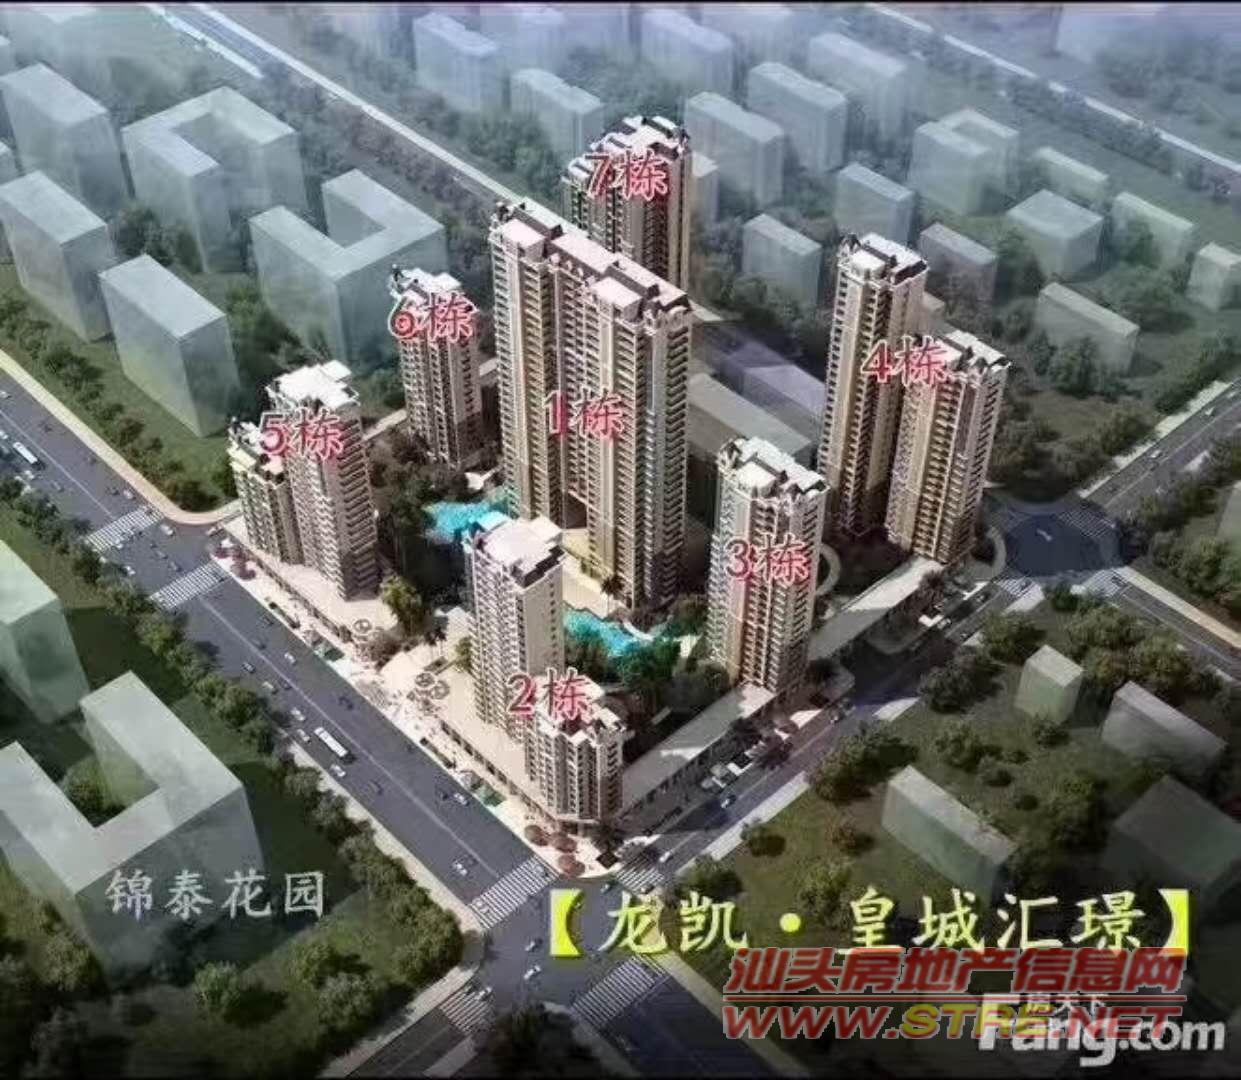 金晖庄皇城汇璟 1. 20180223(1/1)